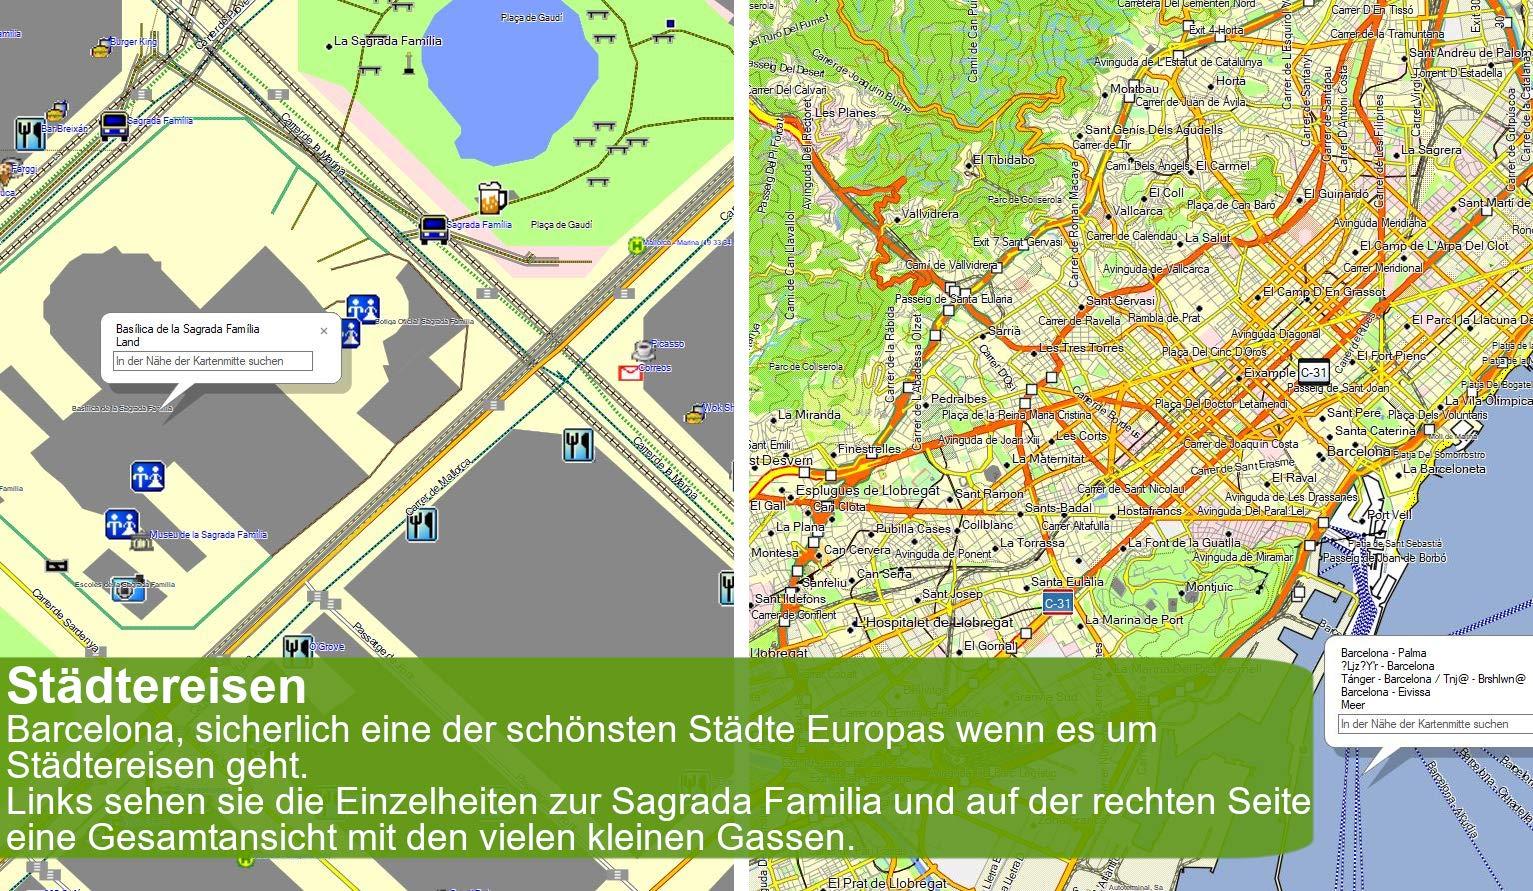 Europa V.20 - Tarjeta de Topo Profesional para Exteriores para Garmin Dakota 10, Etrex 10, Edge 520, Edge 605, Edge 705: Amazon.es: Electrónica